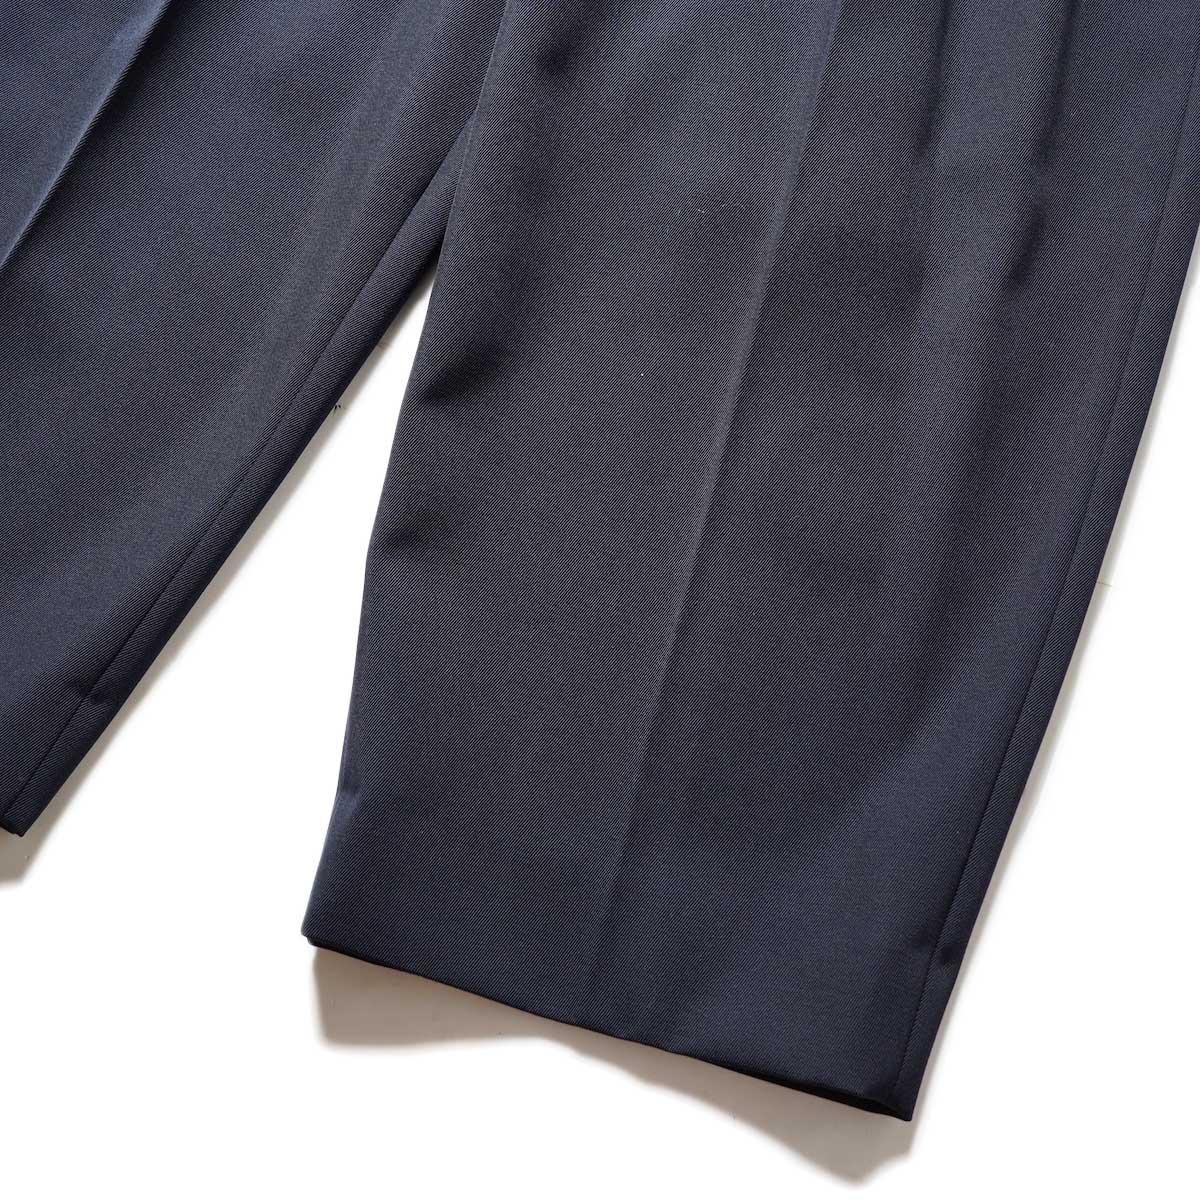 Blurhms / Wool Surge Super Wide Easy Slacks (Dark Navy)裾